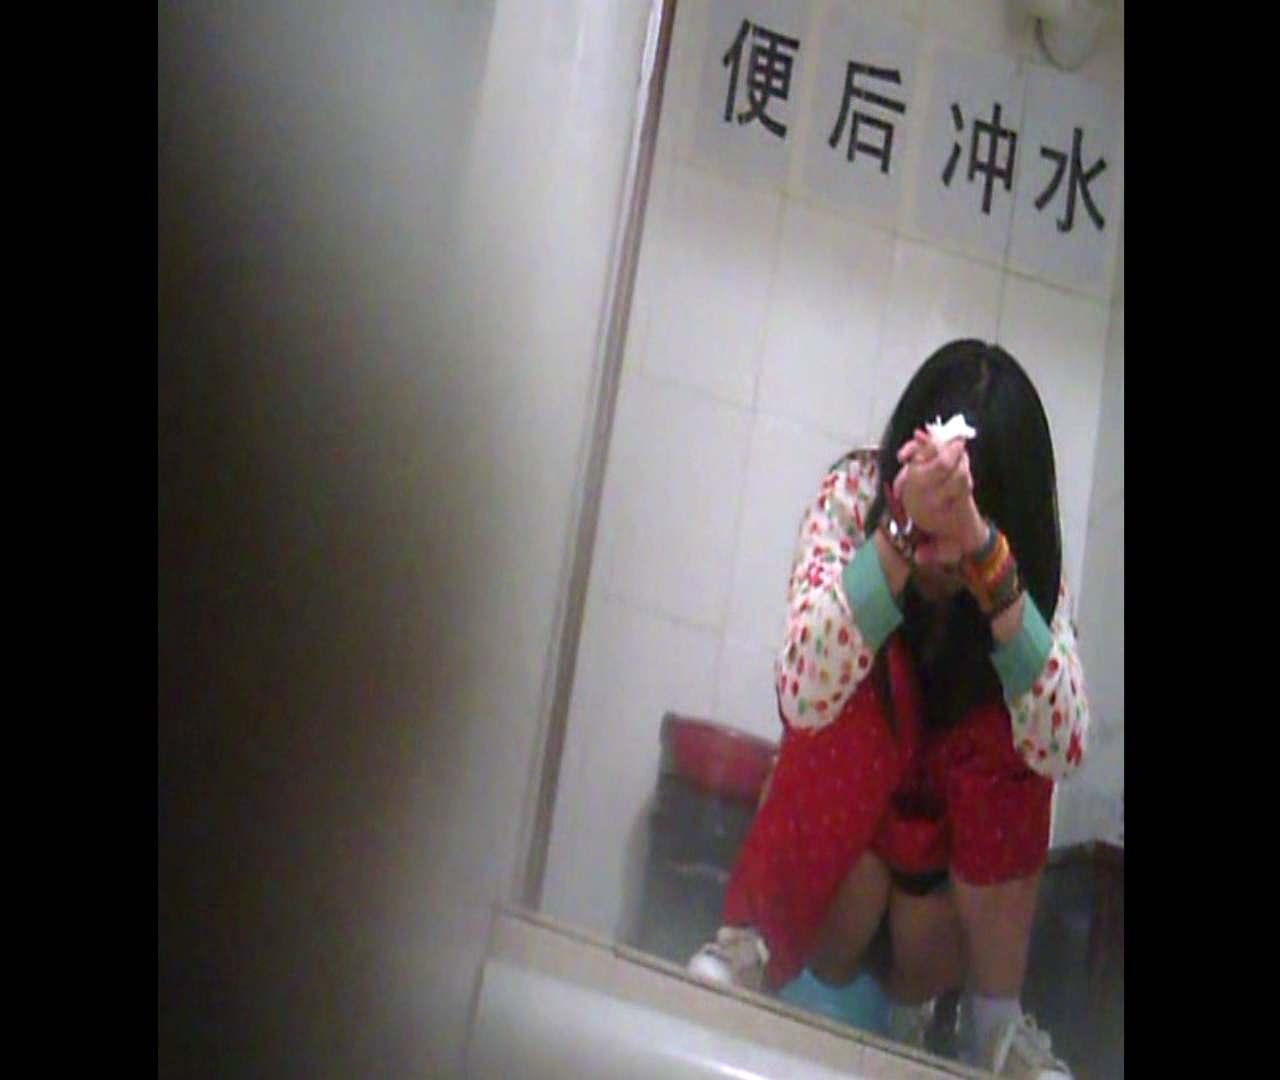 無修正ヌード|Vol.01 赤のパンツスタイルがとっても眩しい!!|怪盗ジョーカー